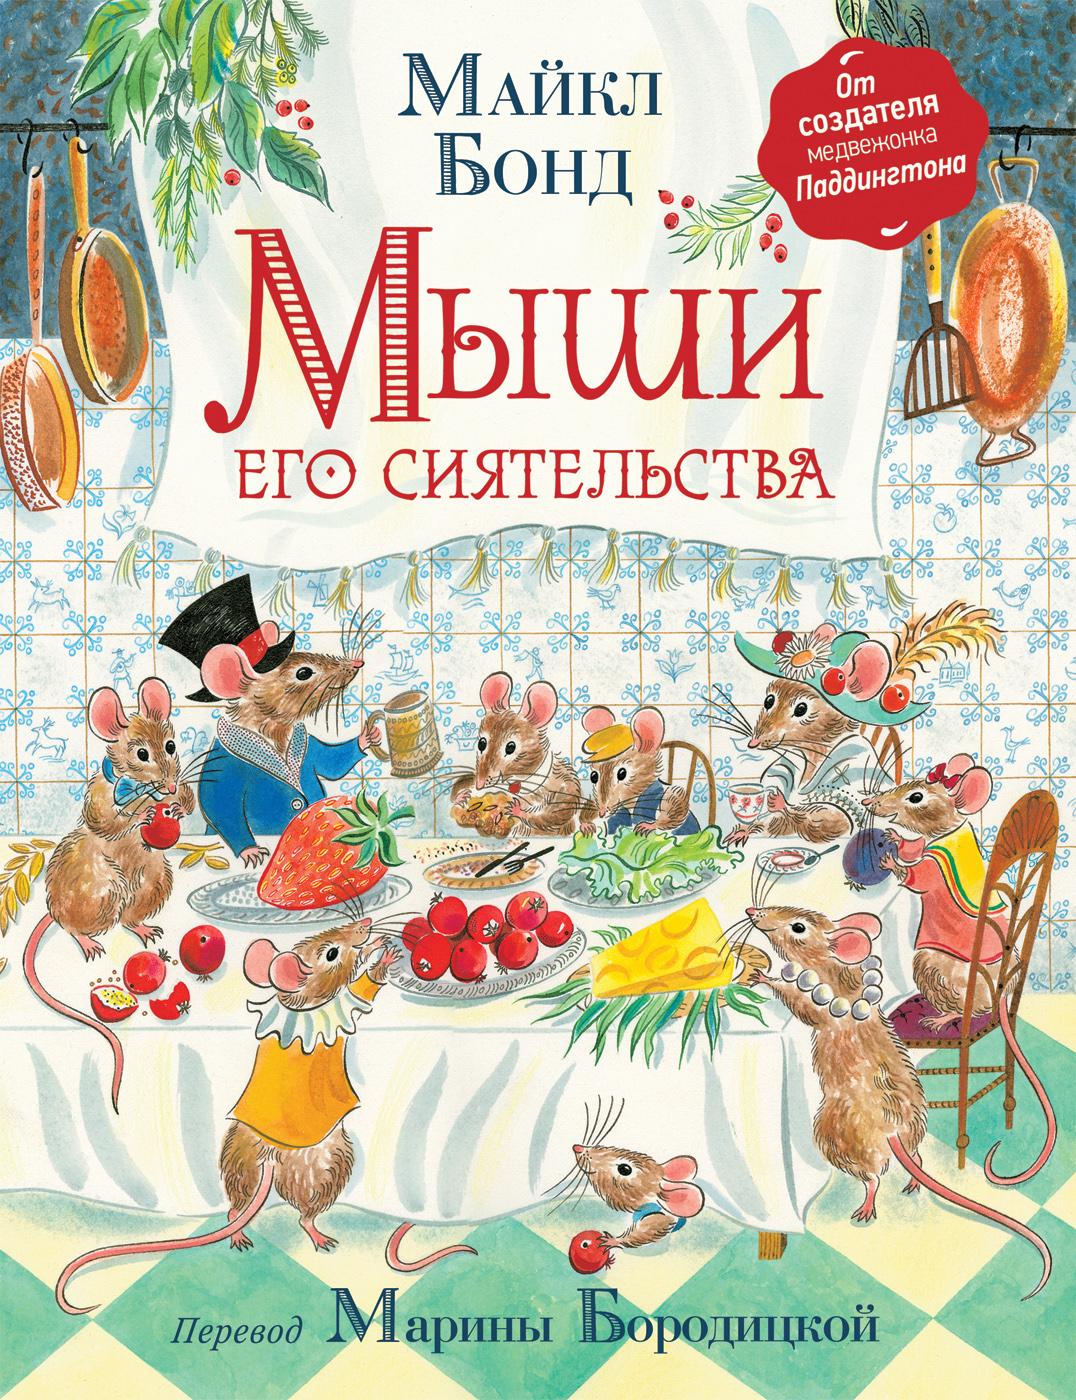 Майкл Бонд Мыши его сиятельства ISBN: 978-5-353-08597-3 бонд м все о медвежонке паддингтоне новые небывалые истории